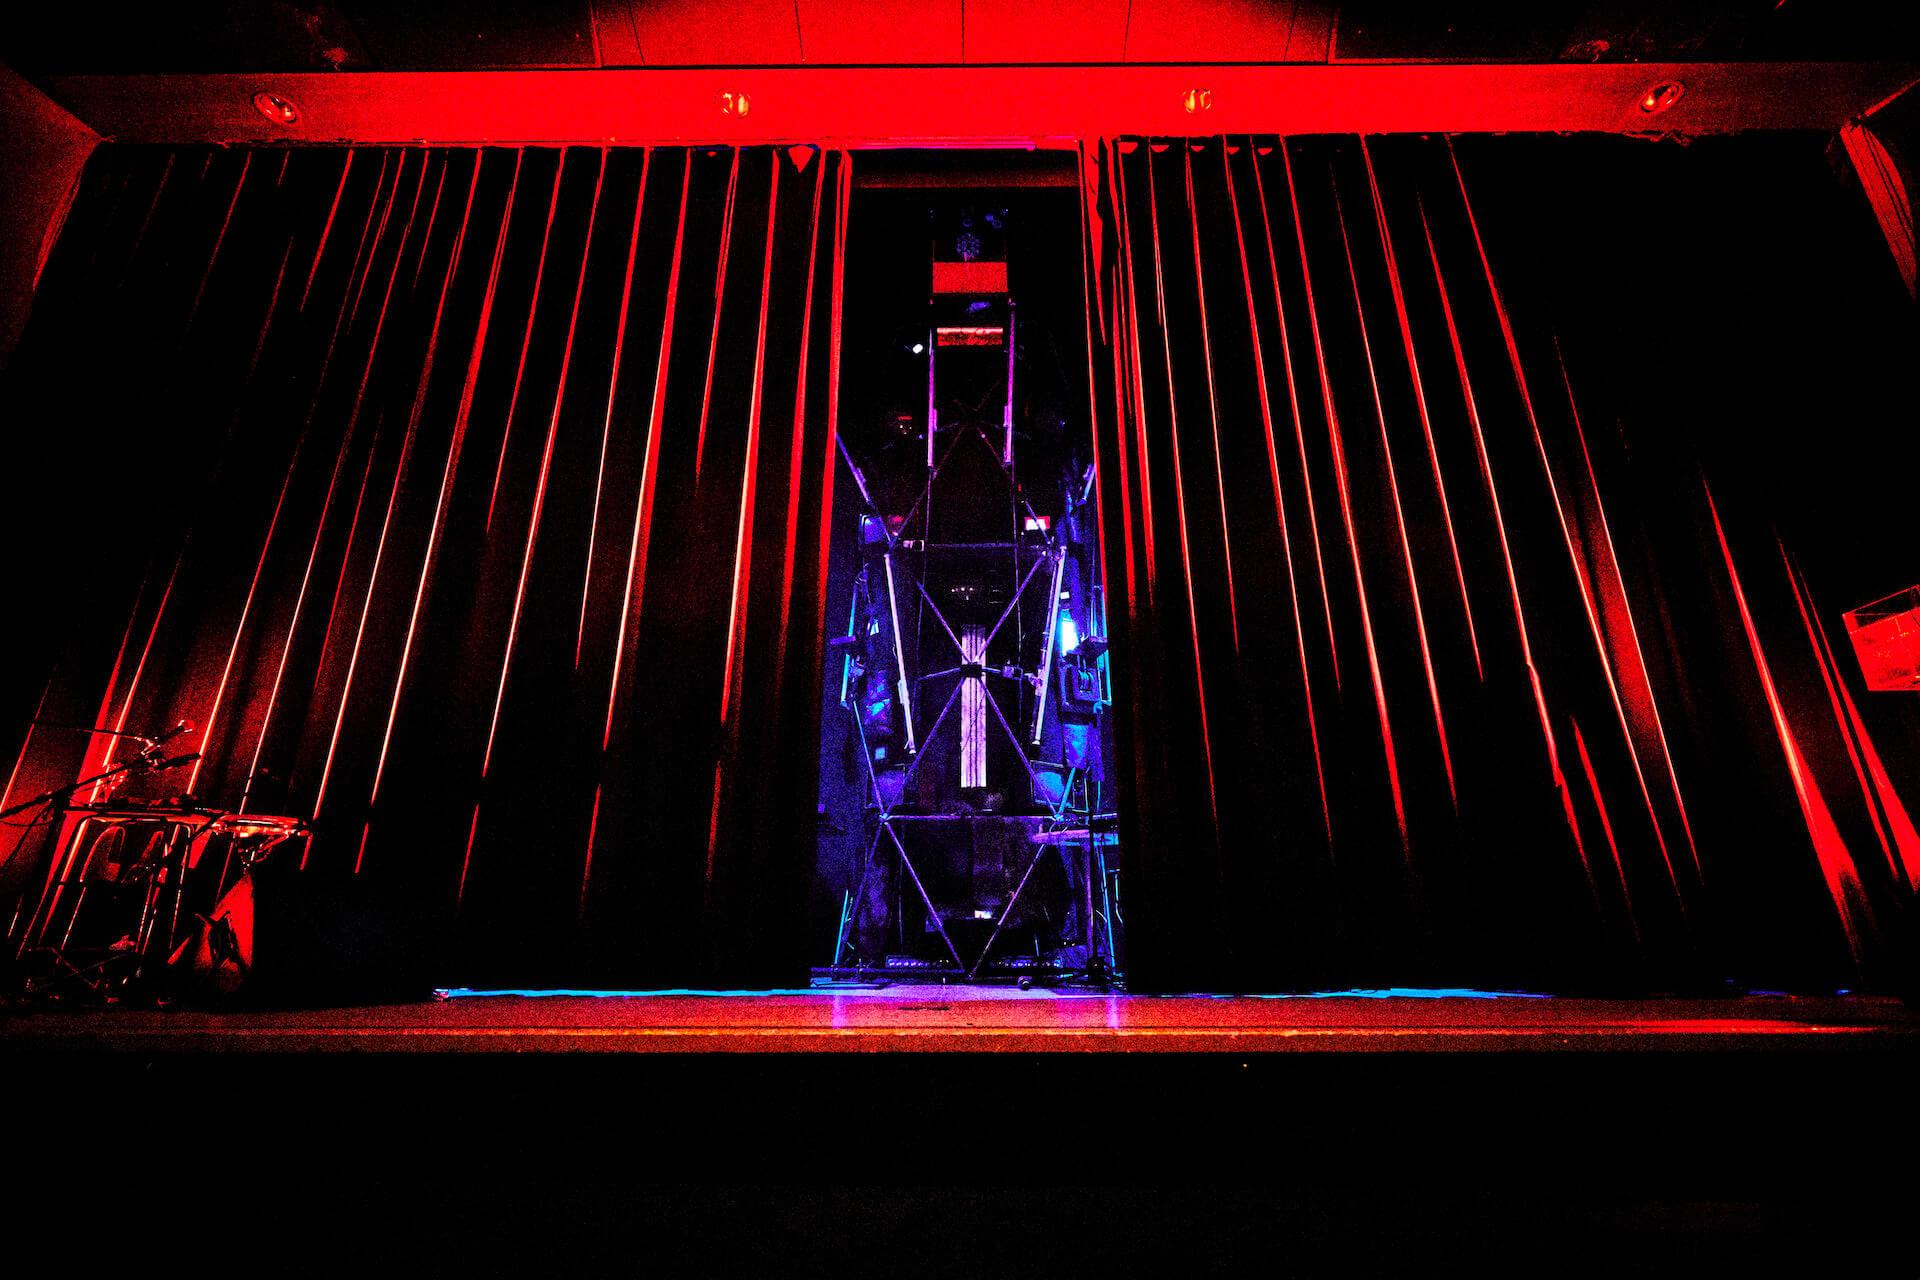 フォトレポート|<BLACK OPERA – 鈍色の壁/ニブイロノカベ –>と感情の流出 music191225-blackopera-31